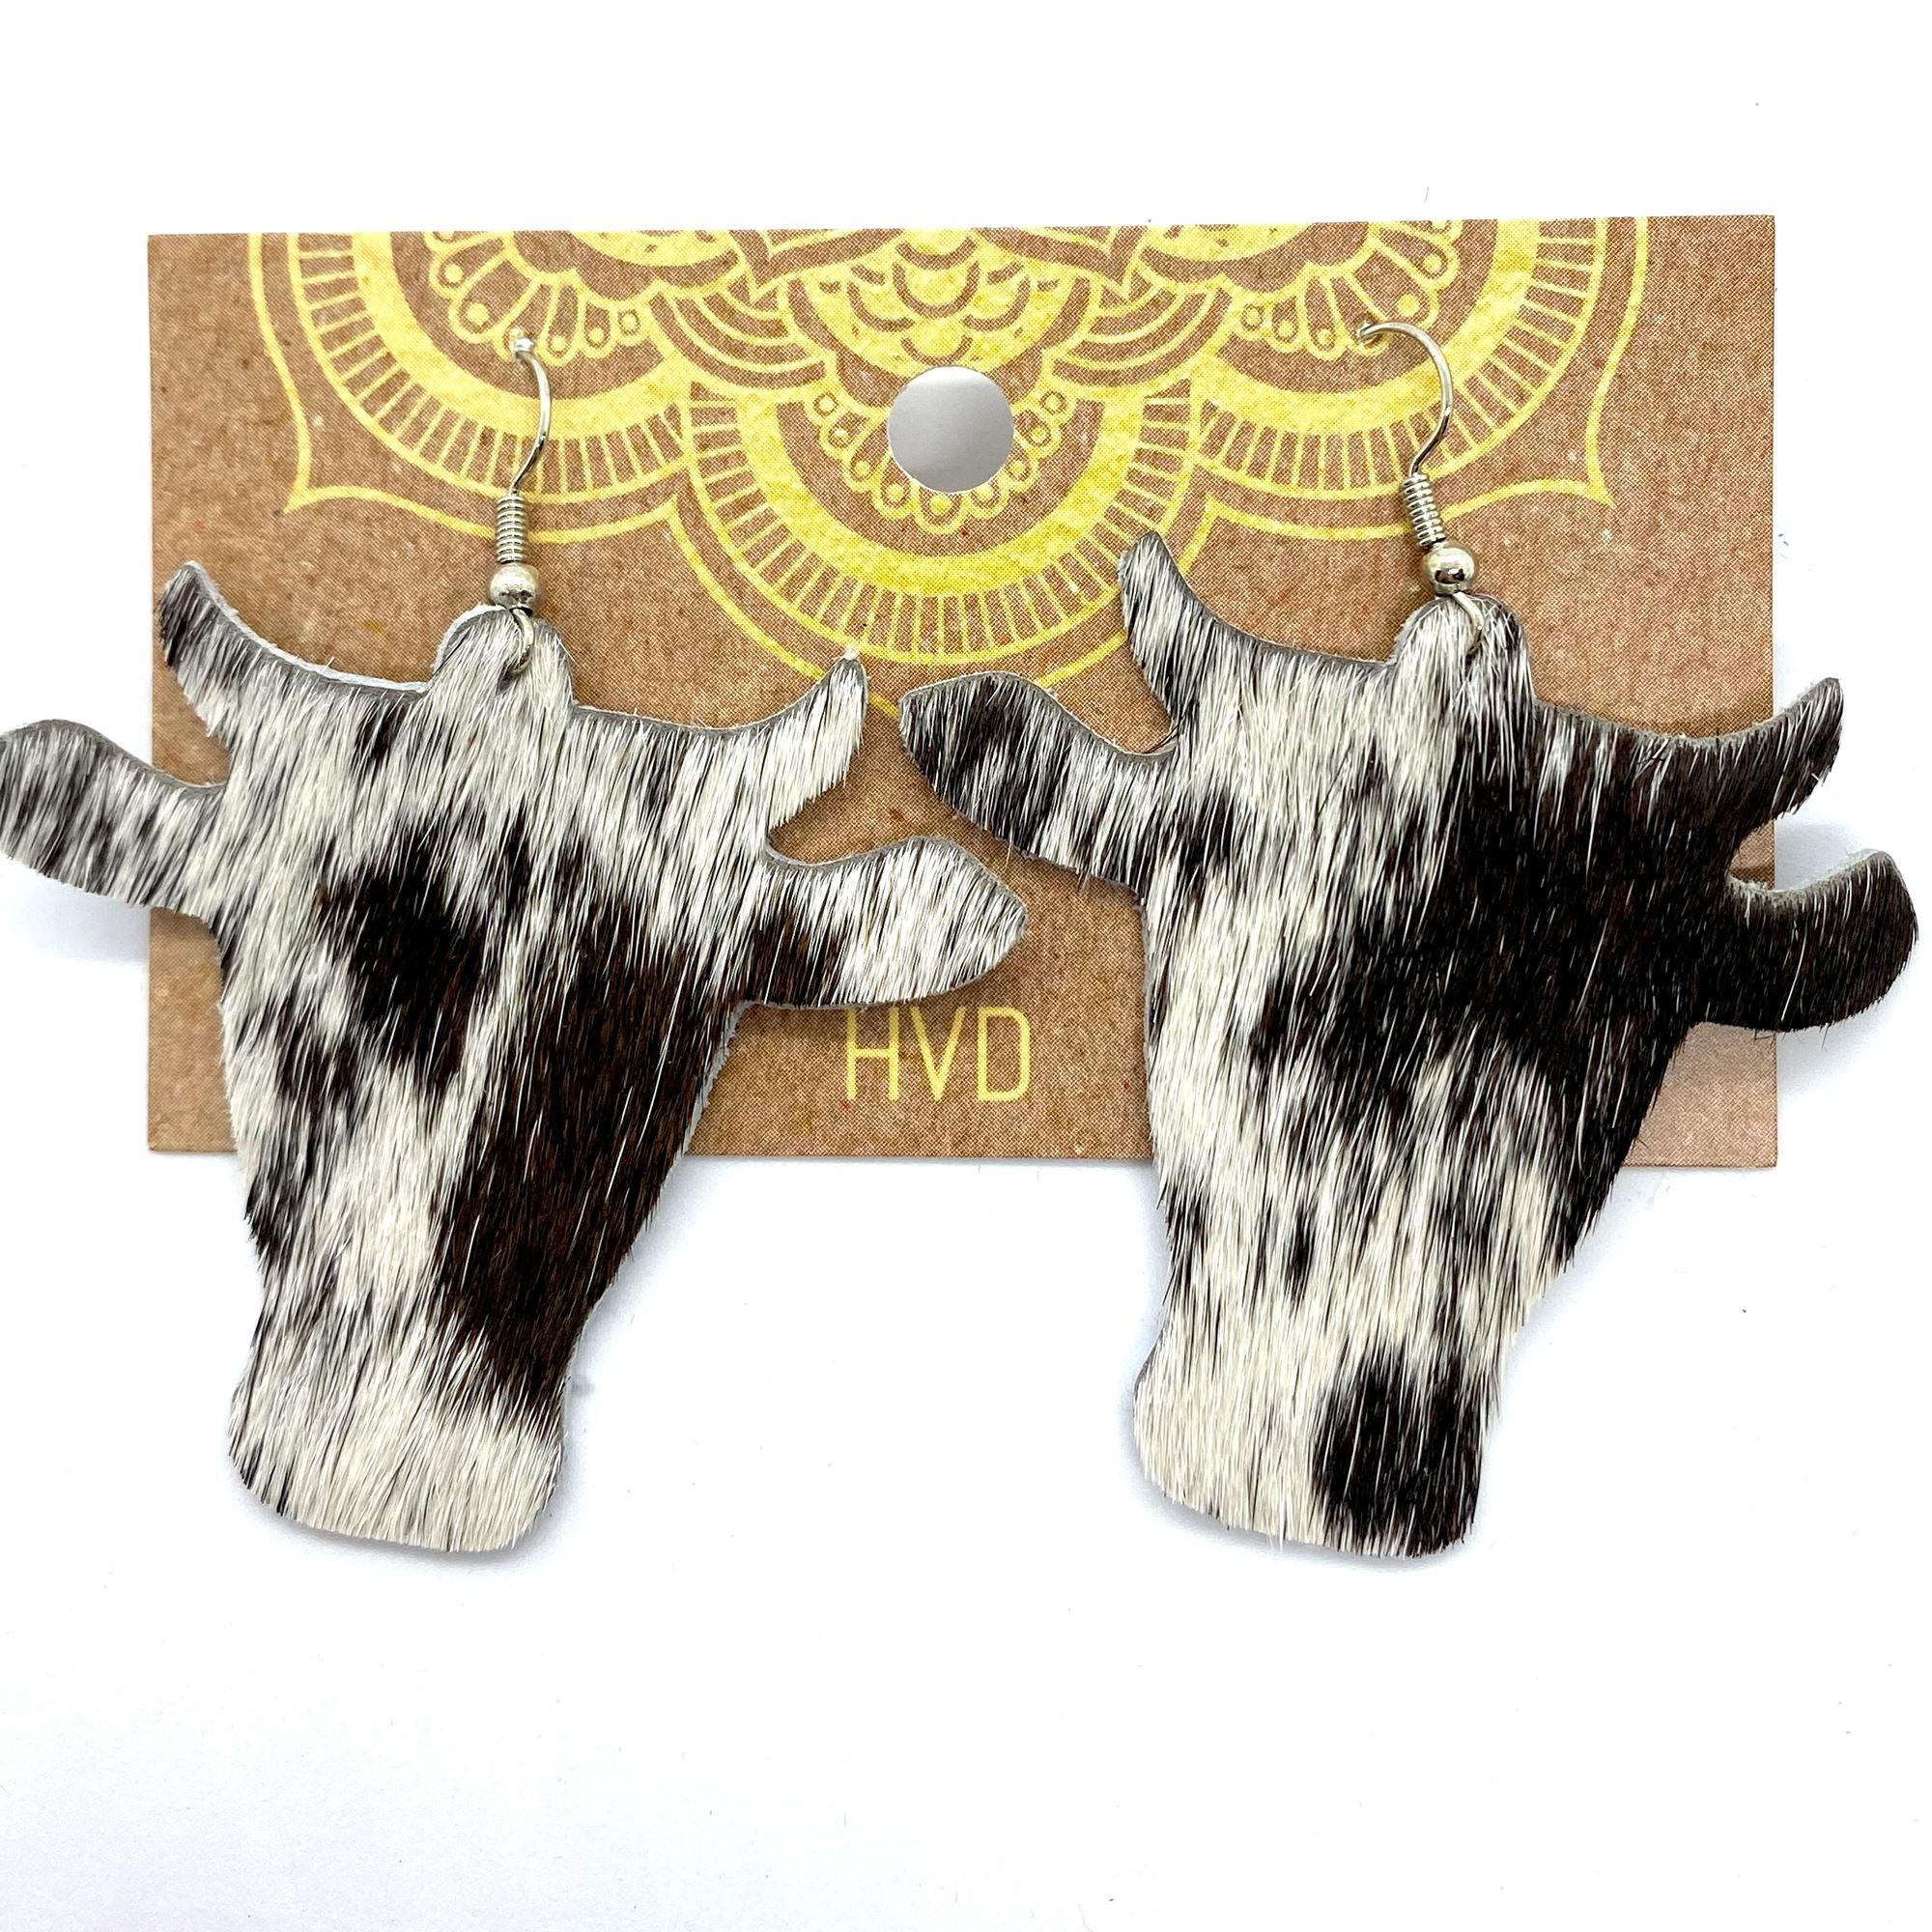 Black & White Hair-On-Hide Cow Head Earrings (2)